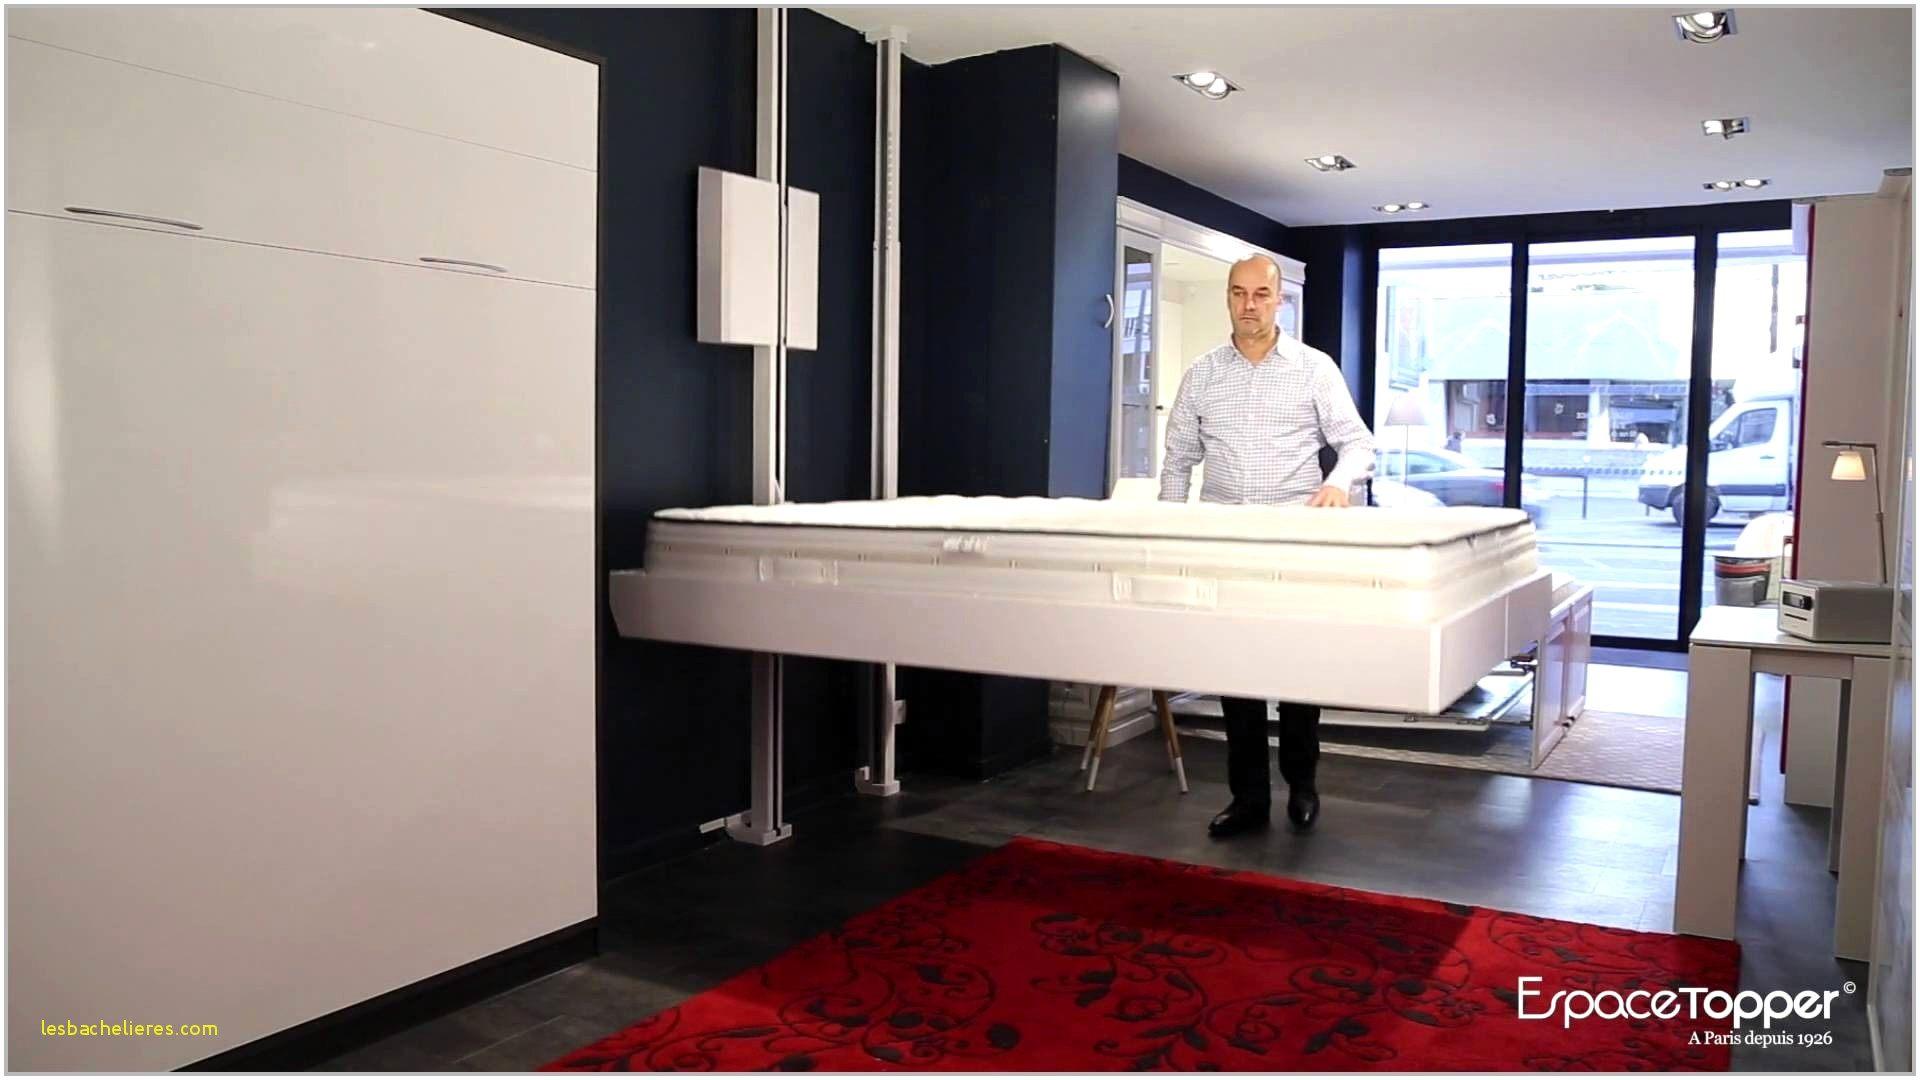 Résultat Supérieur Lit Integre Dans Armoire élégant Ikea Lit Armoire